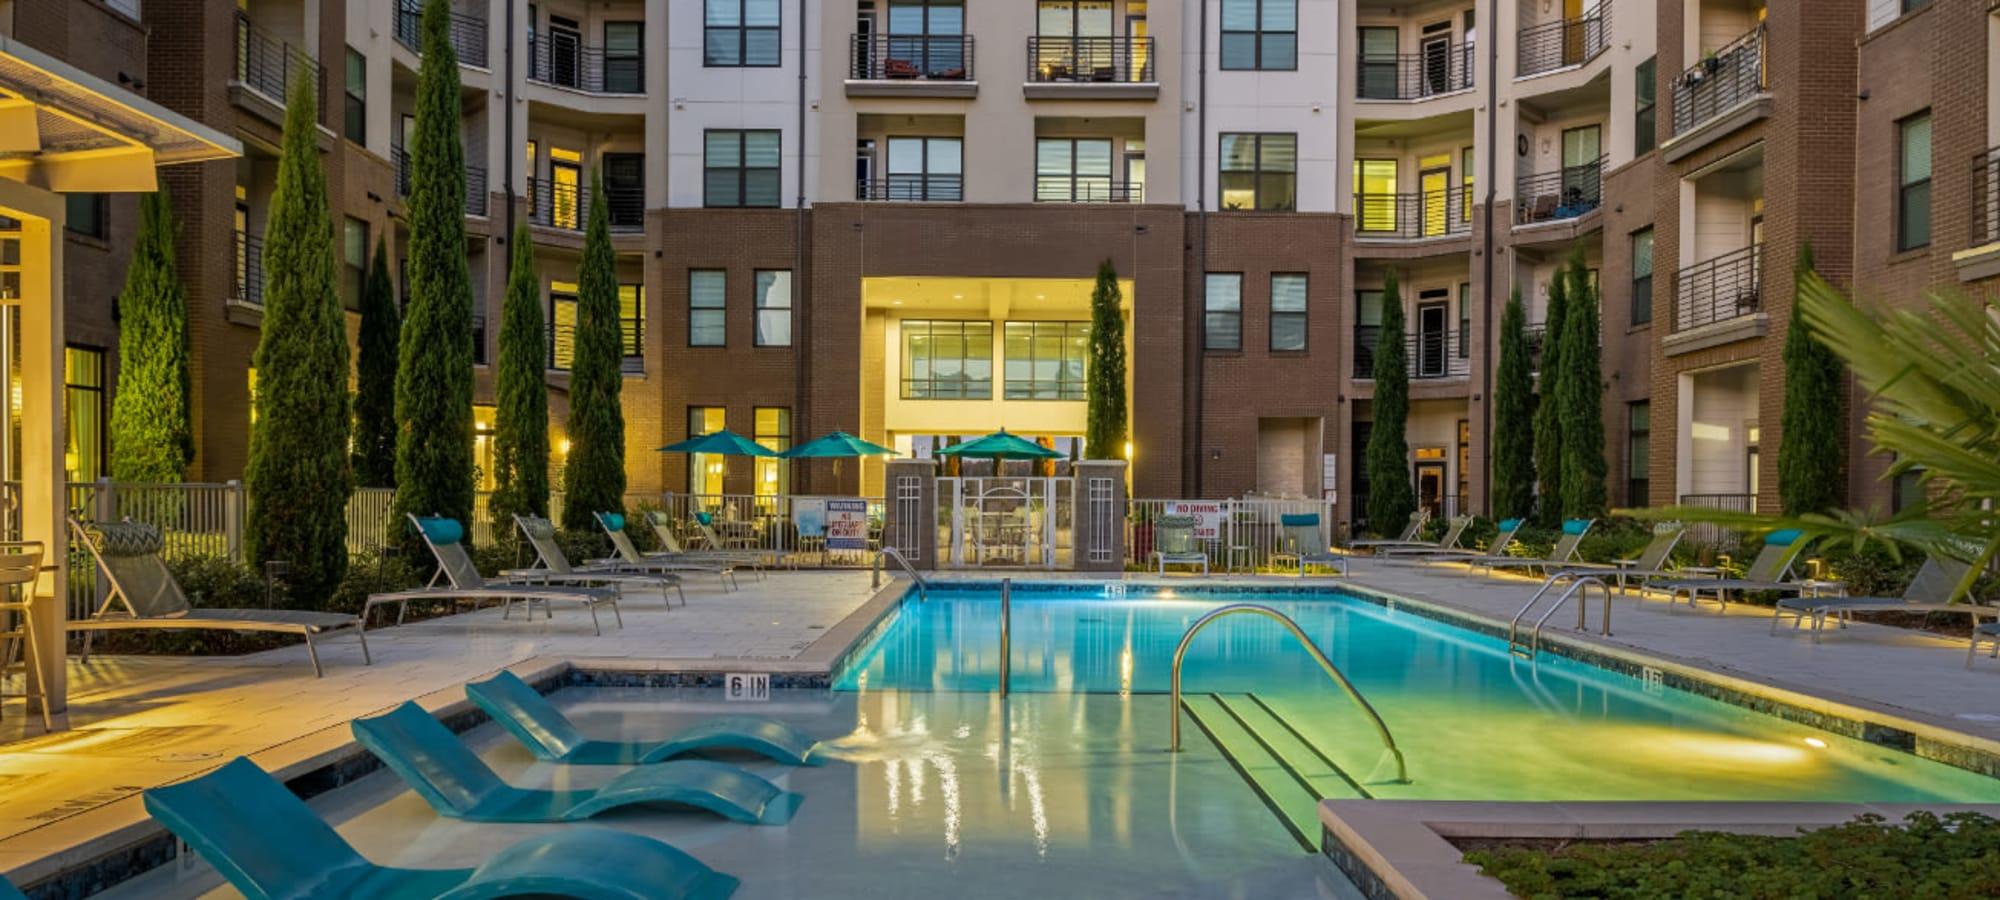 Apartments at Marq at Crabtree in Raleigh, North Carolina